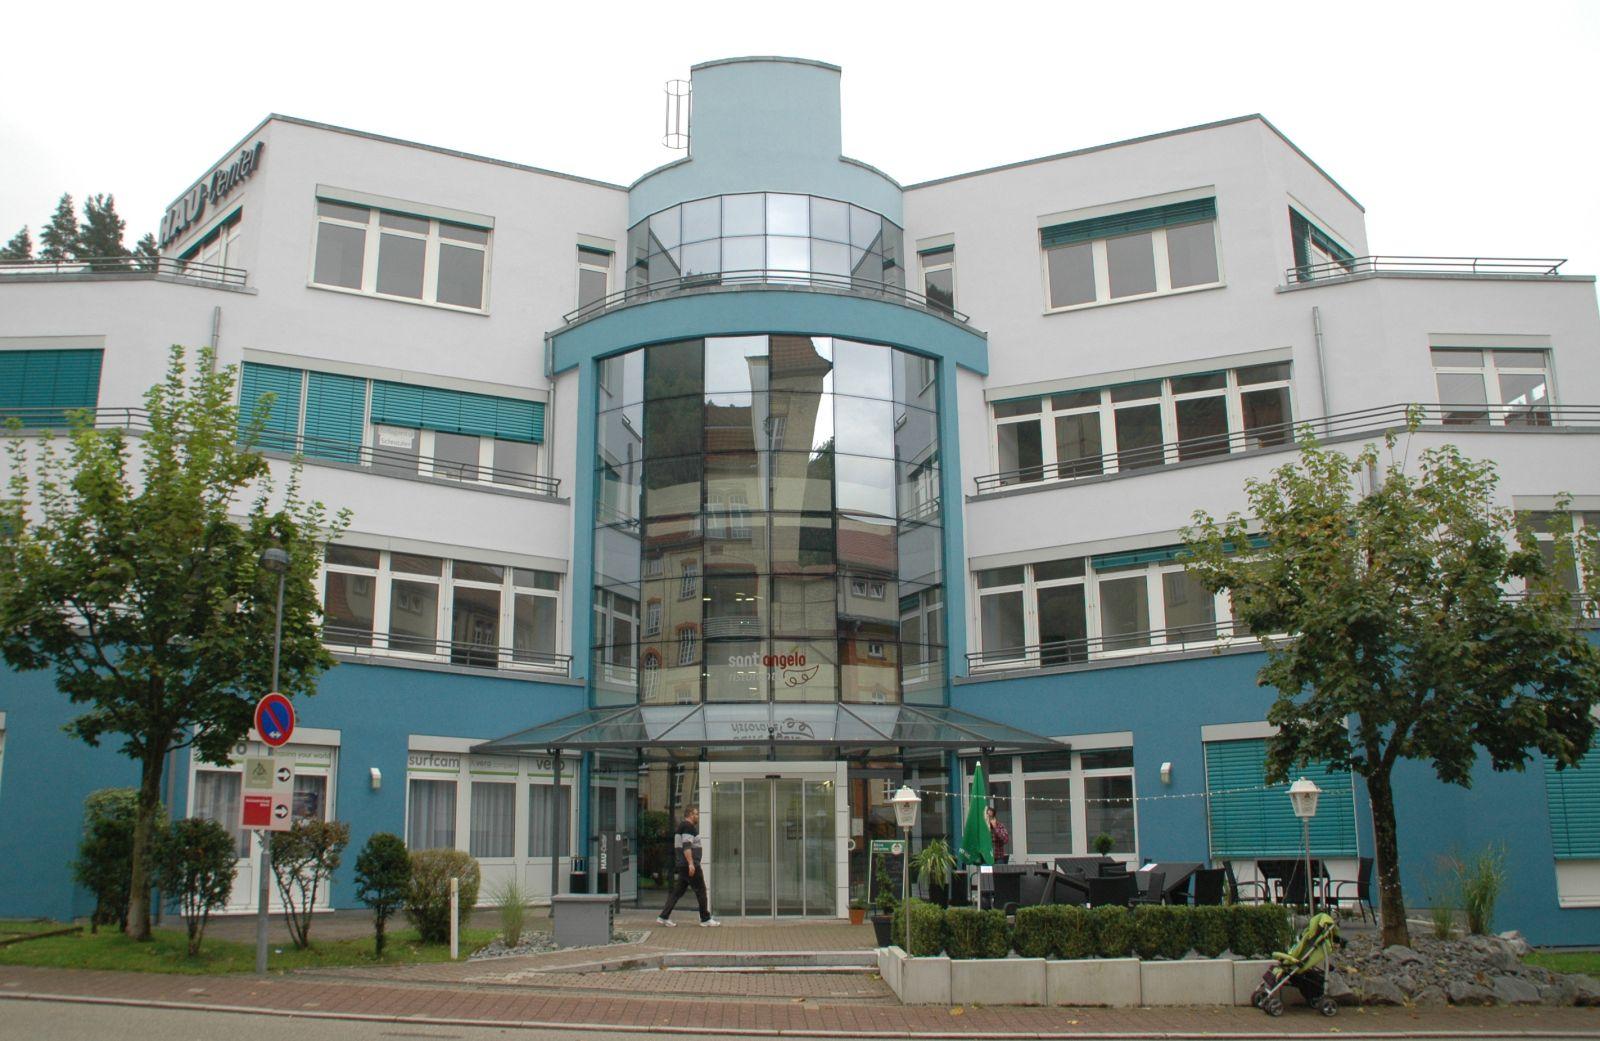 Das Jobcenter in Schramberg befindet sich auf dem H.A.U.-Gelände im  dortigen Business-Center. Archiv-Foto him